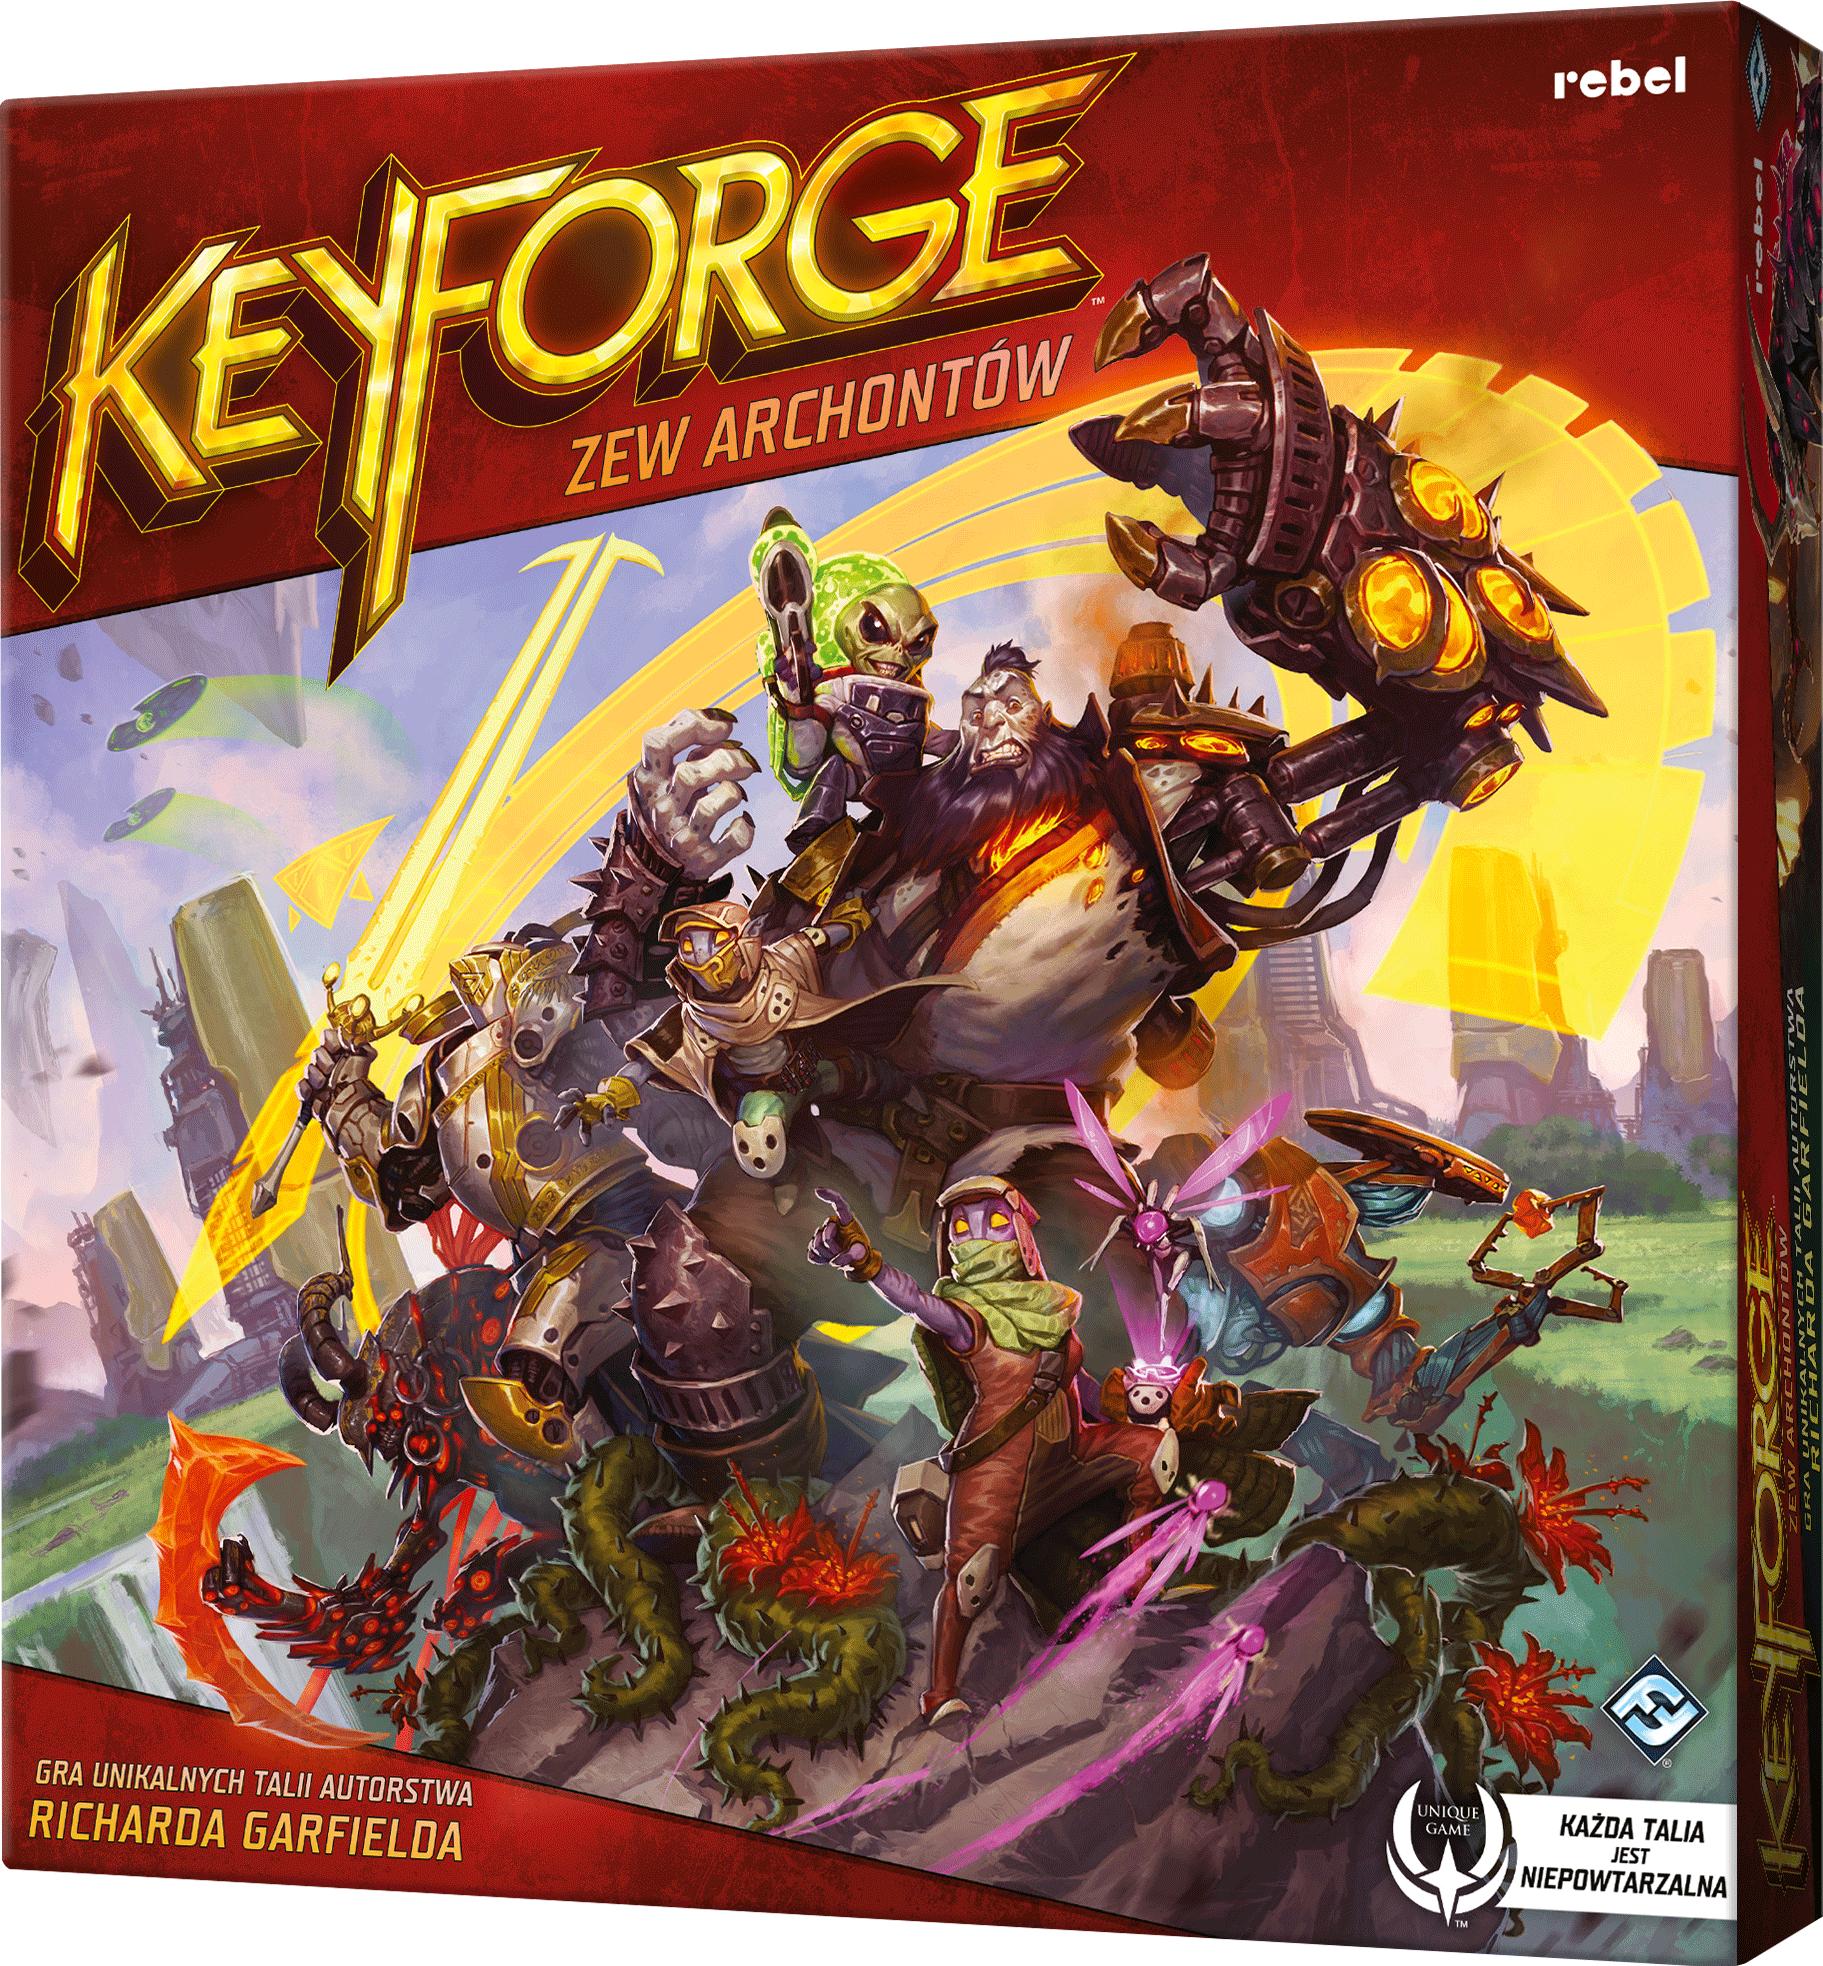 KeyForge: Zew Archontów